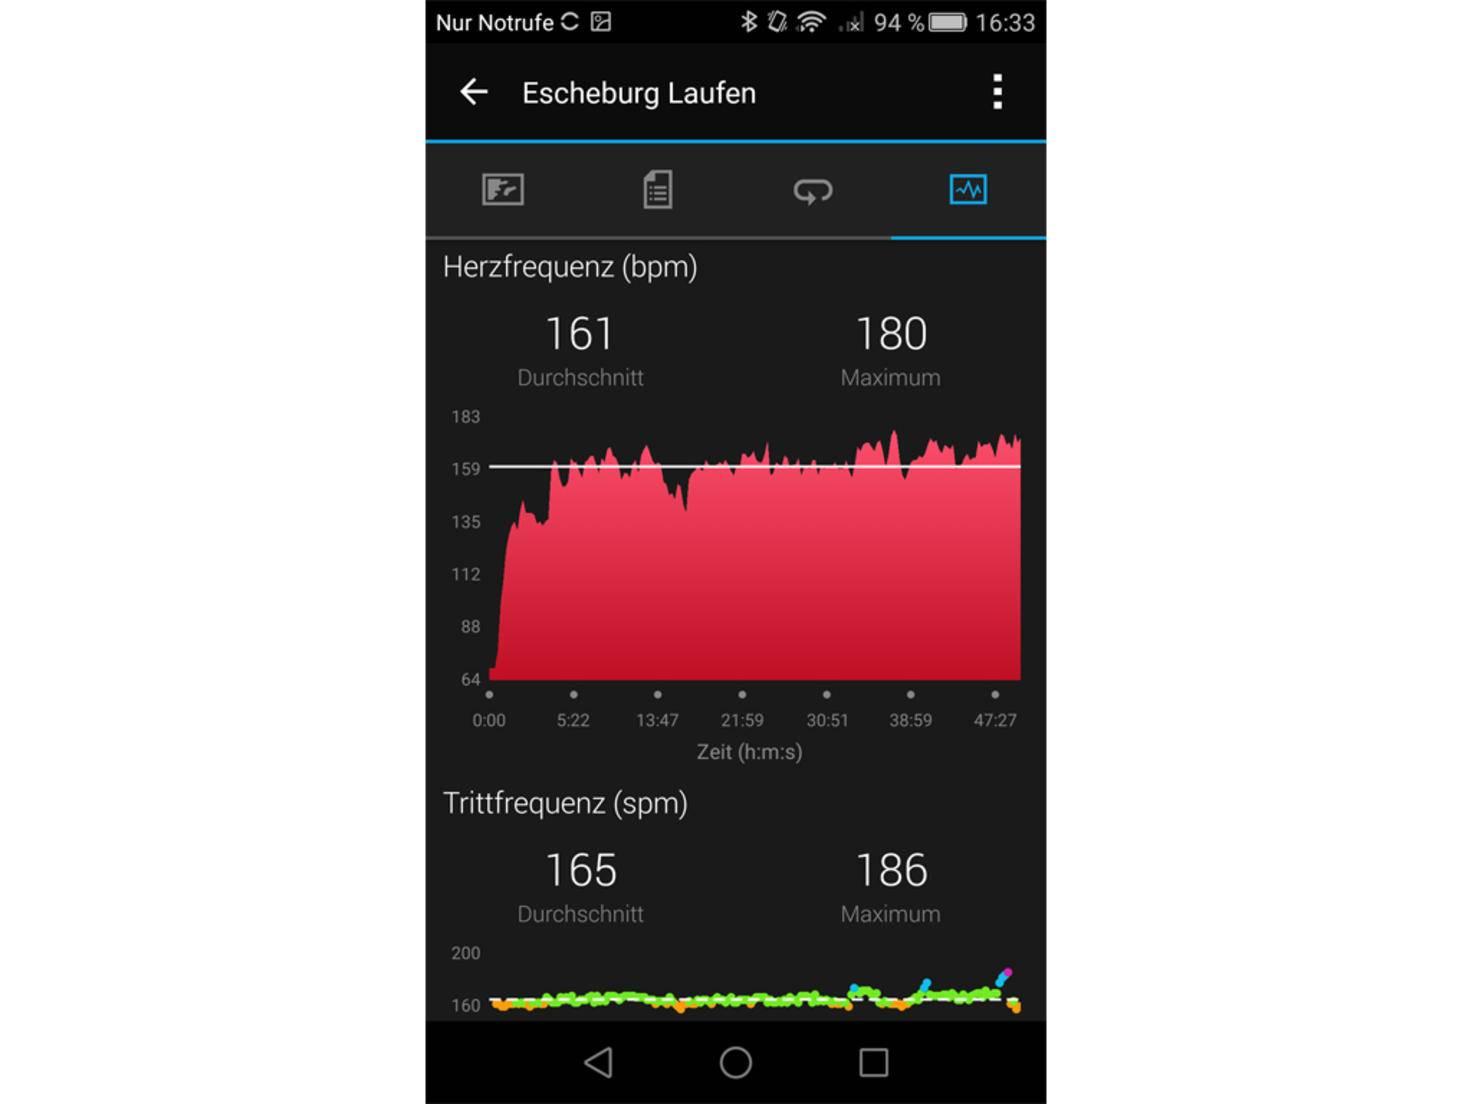 Bei kurzen Sprinteinheiten stiegen sowohl Herz- als auch Trittfrequenz.